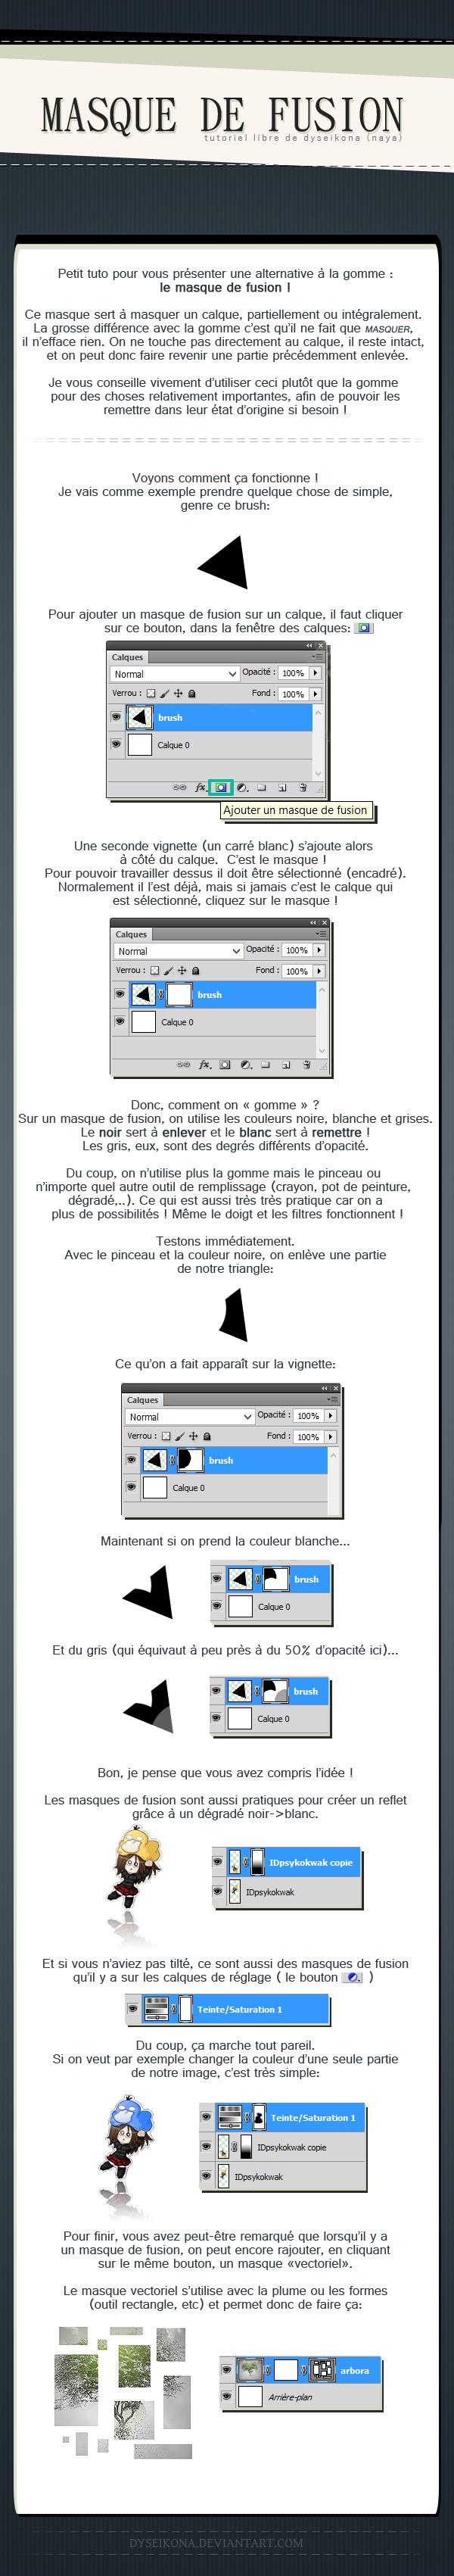 [photoshop] masque de fusion _french_tuto__masque_de_fusion__photoshop__by_dyseikona-d7qh7ev